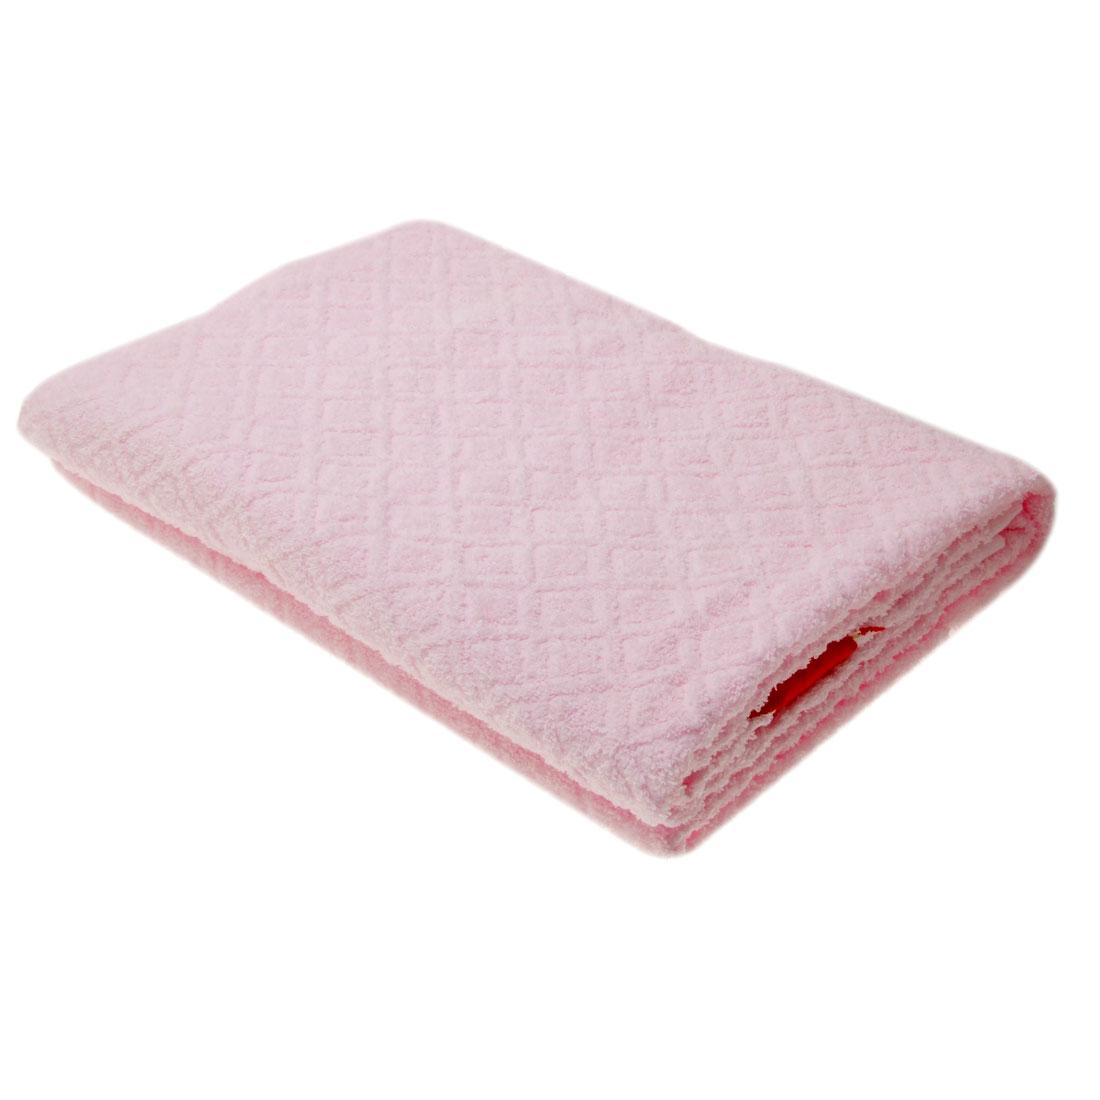 """Soft Pink Cotton 55"""" x 27.5"""" SPA Bath Towel Beach Washcloth"""